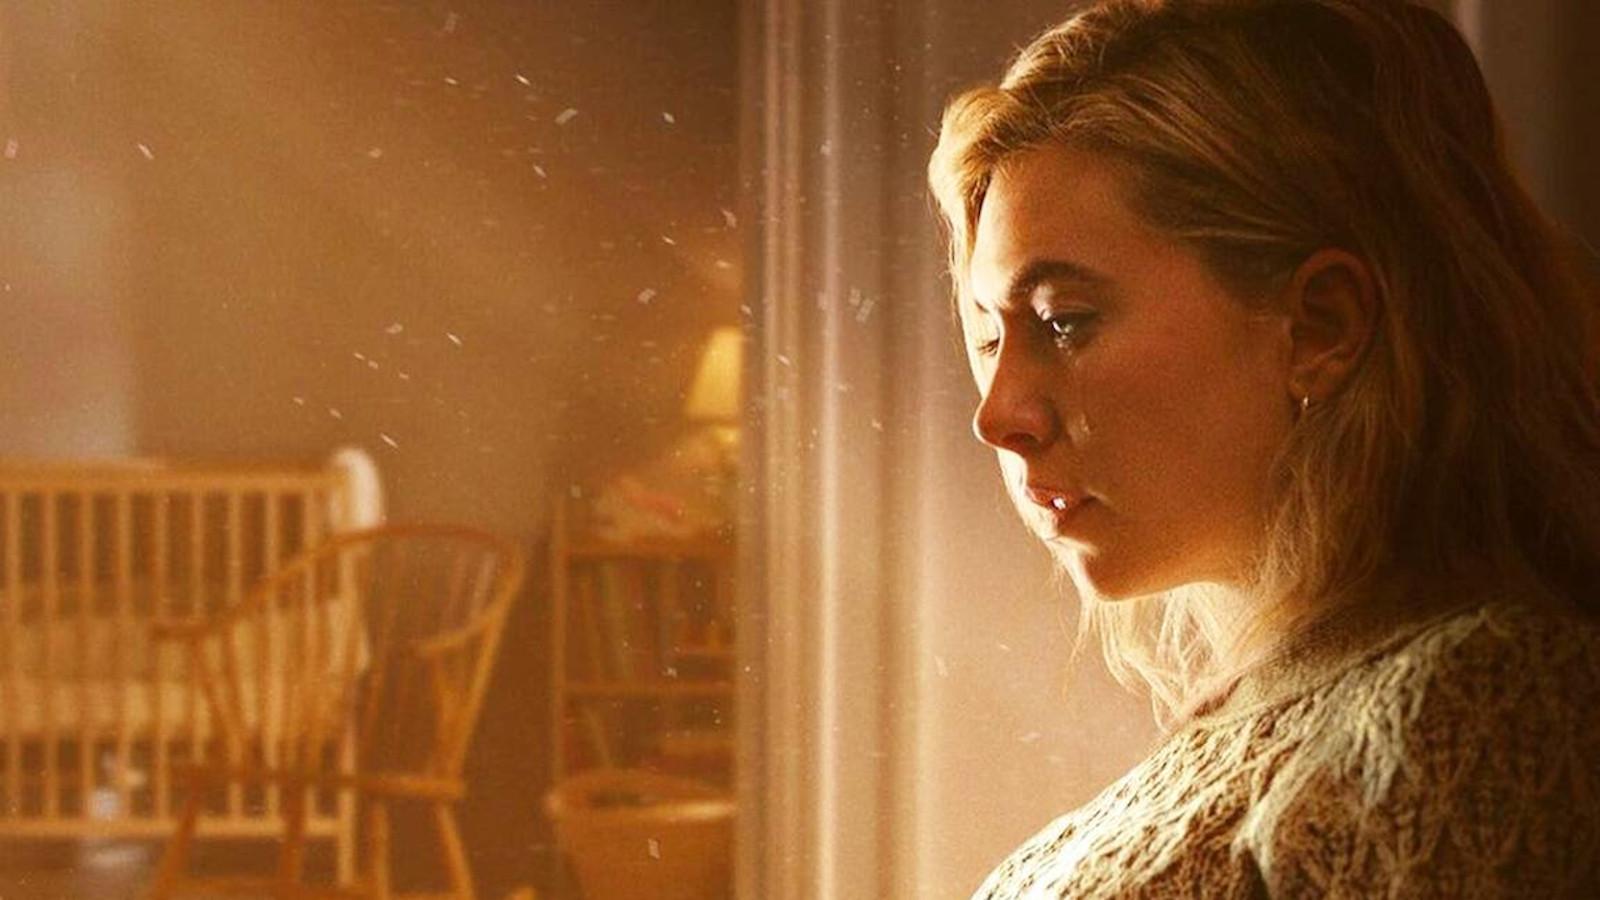 Ha a gyógyító gyász elmarad – magyar filmtörténelmet ír Mundruczó új alkotása